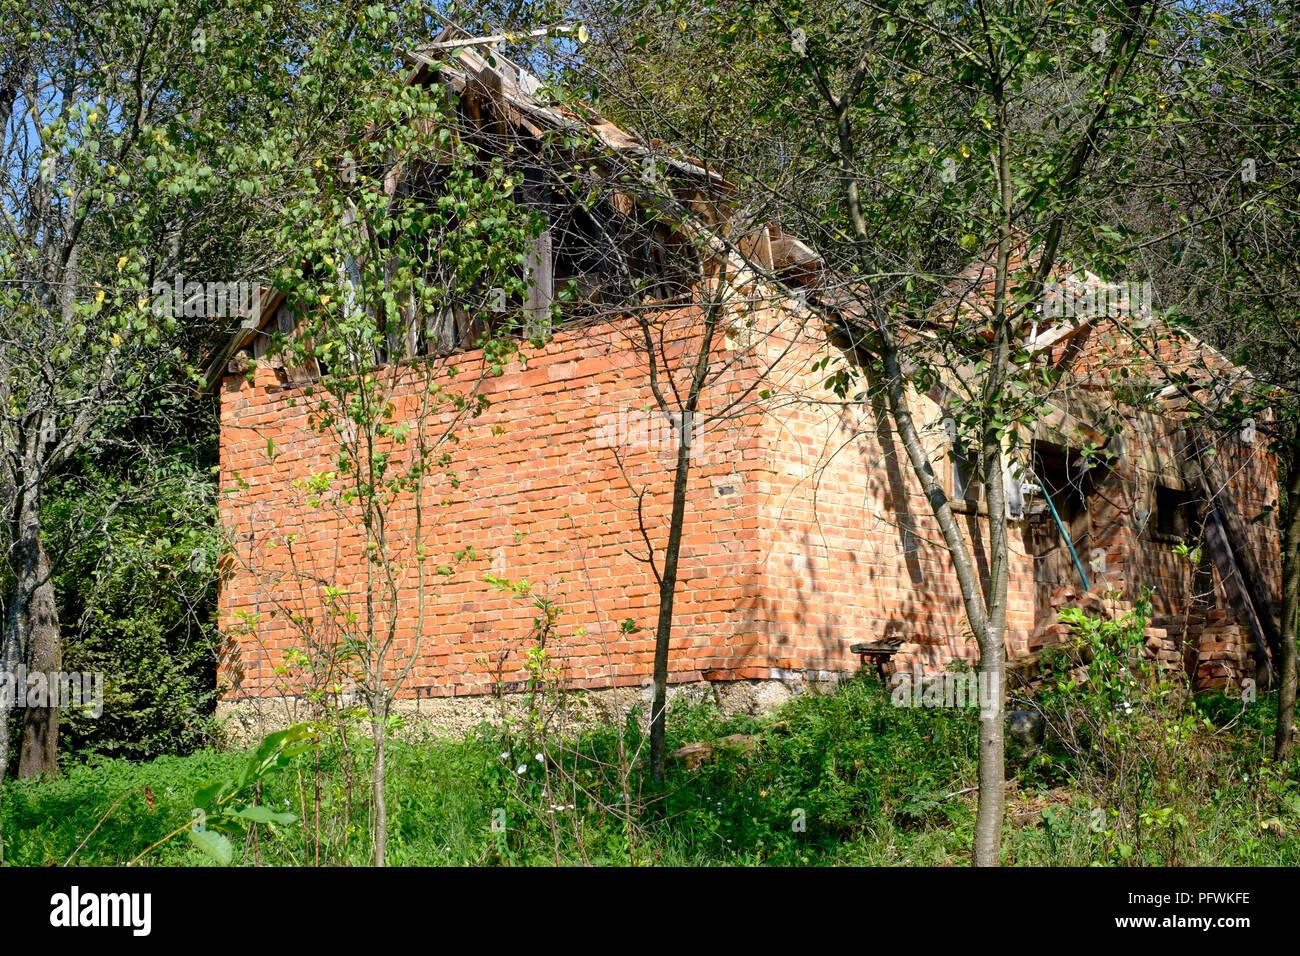 Ungarische Sommerküche : Reste der zerfallenden vernachlässigt sommerküche